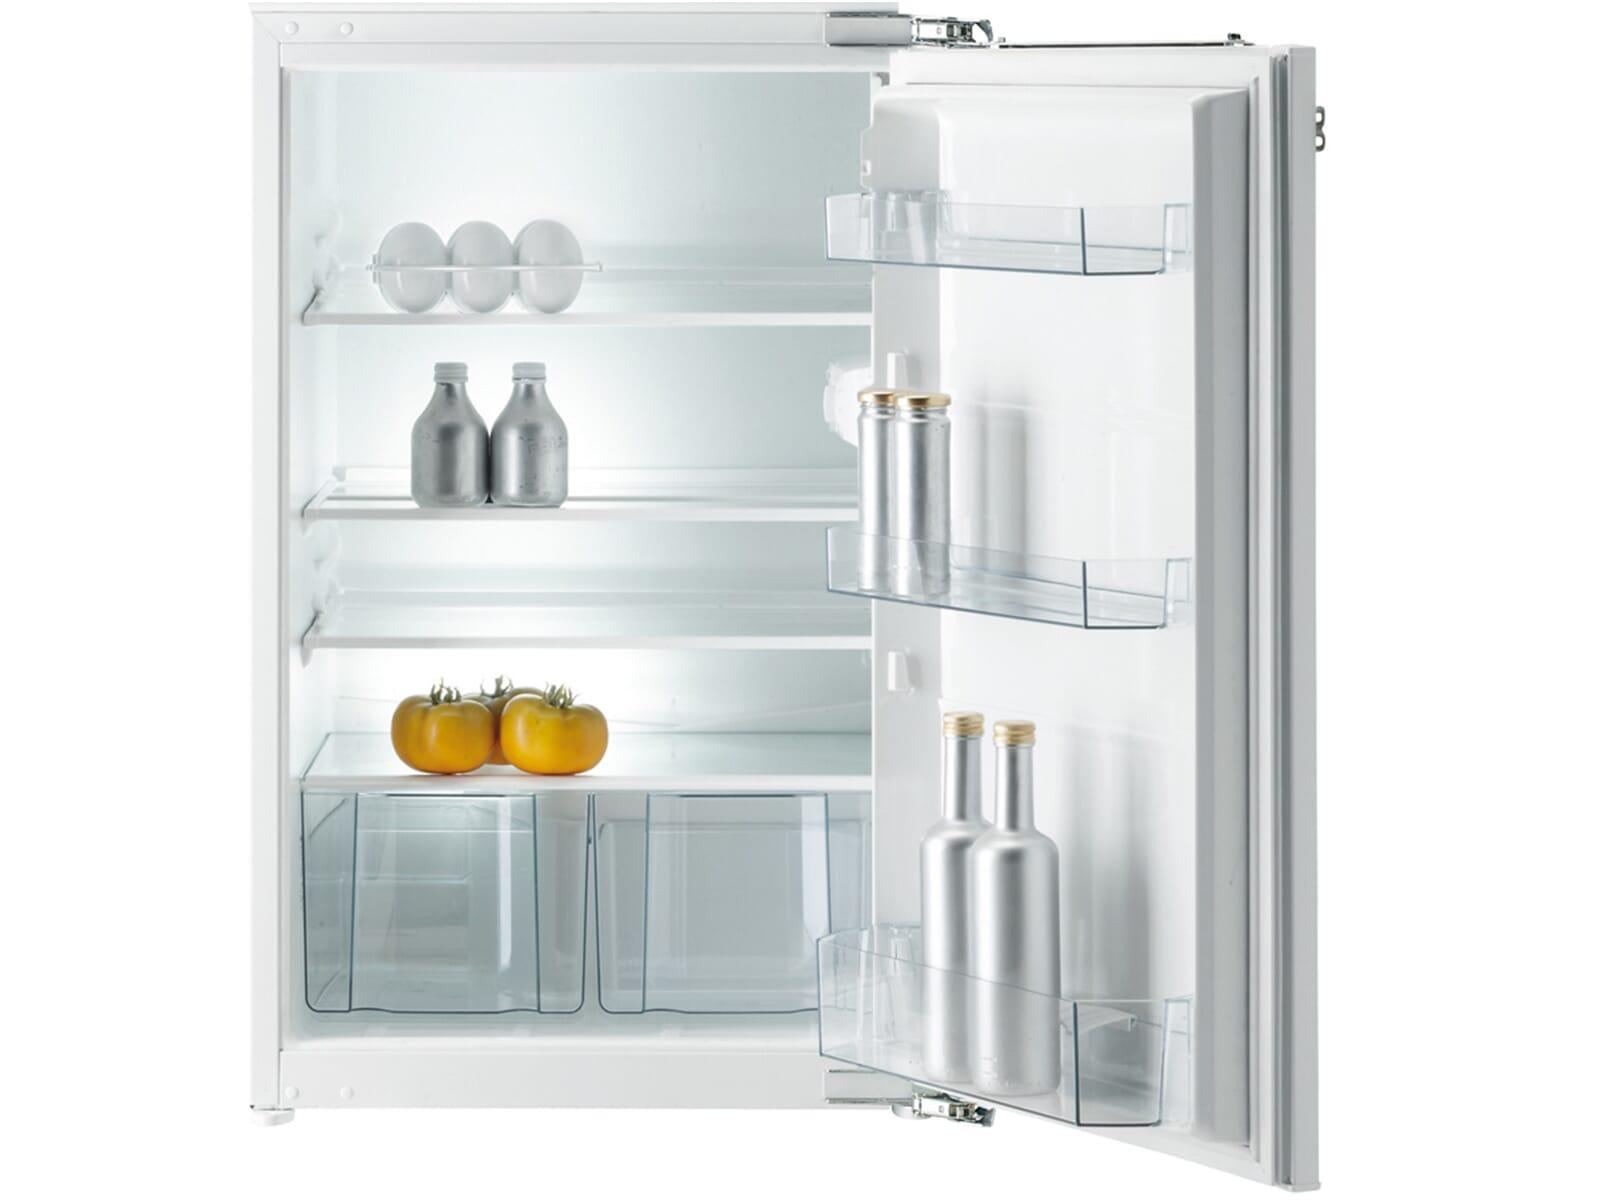 Gorenje Kühlschrank B Ware : Gorenje ri aw einbaukühlschrank moebelplus